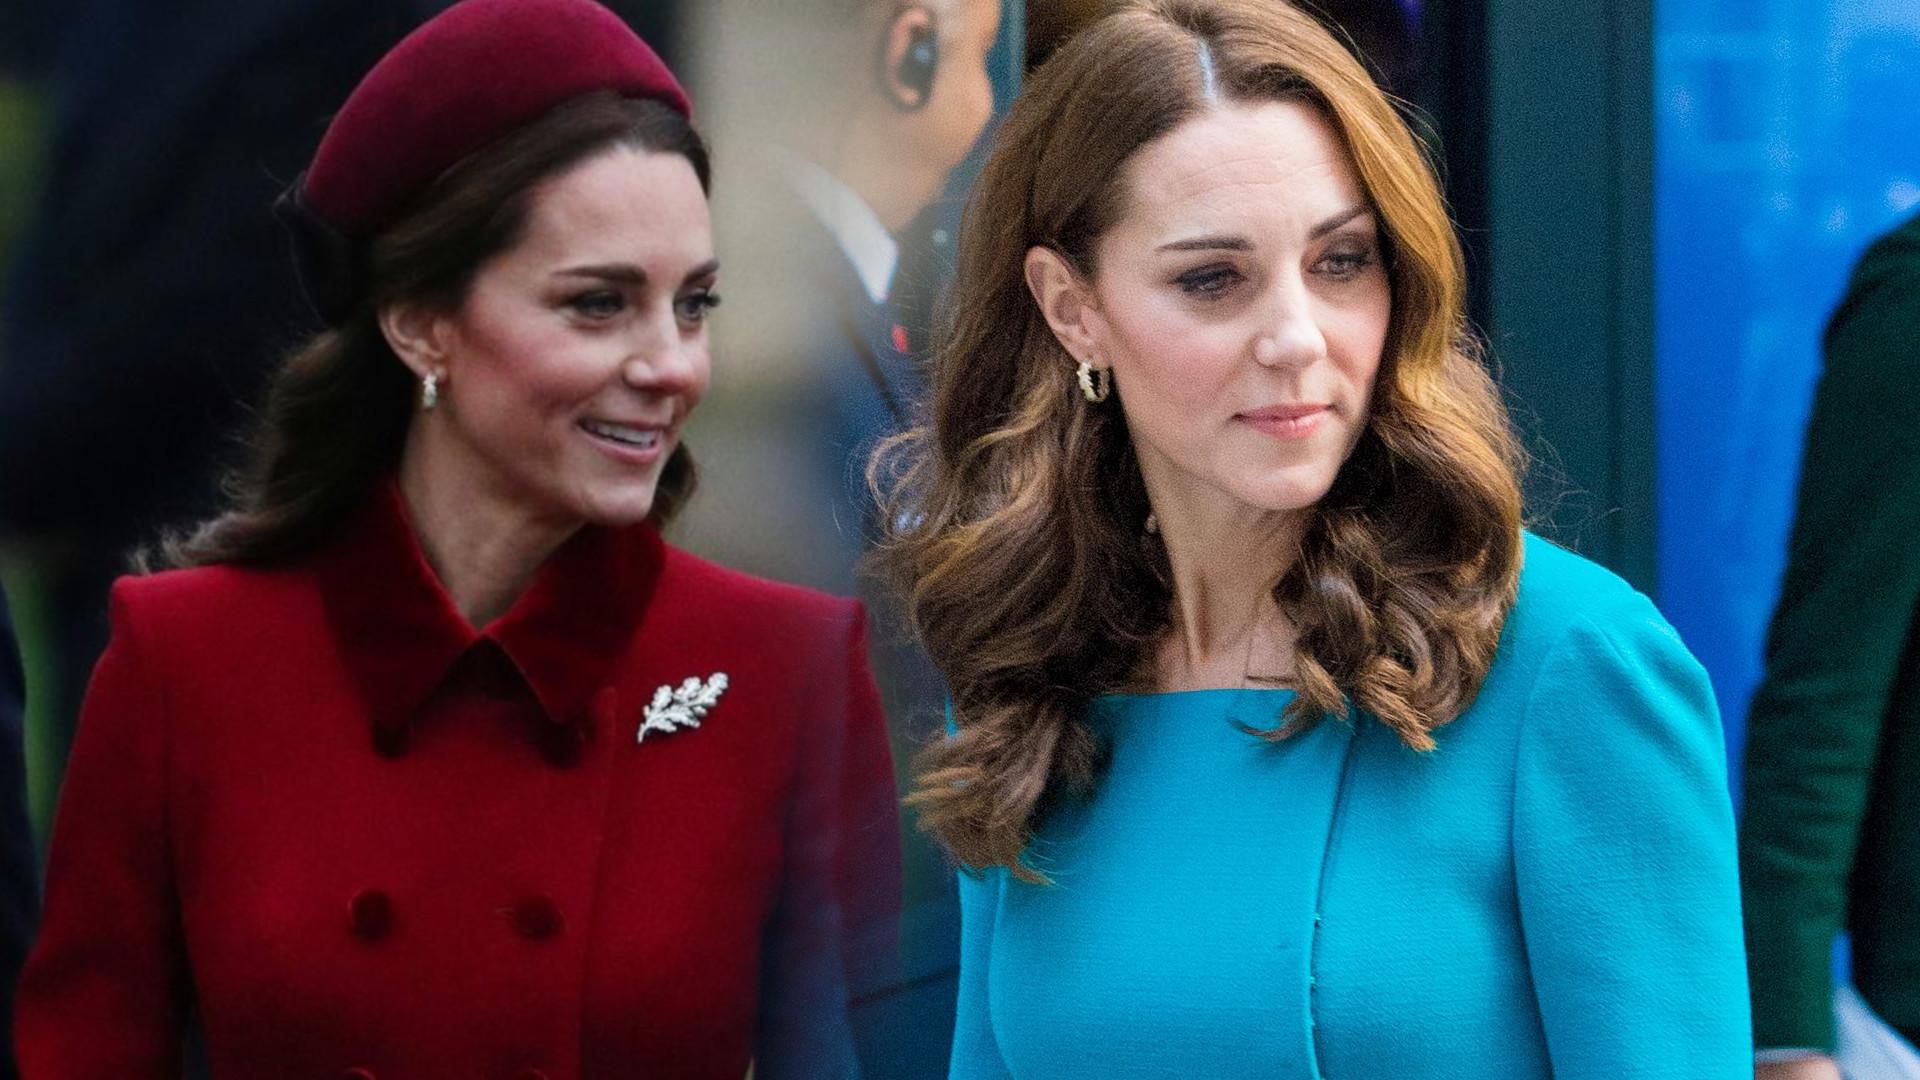 Szokujące informacje na temat Kate! Wzięła udział w kontrowersyjnym wydarzeniu